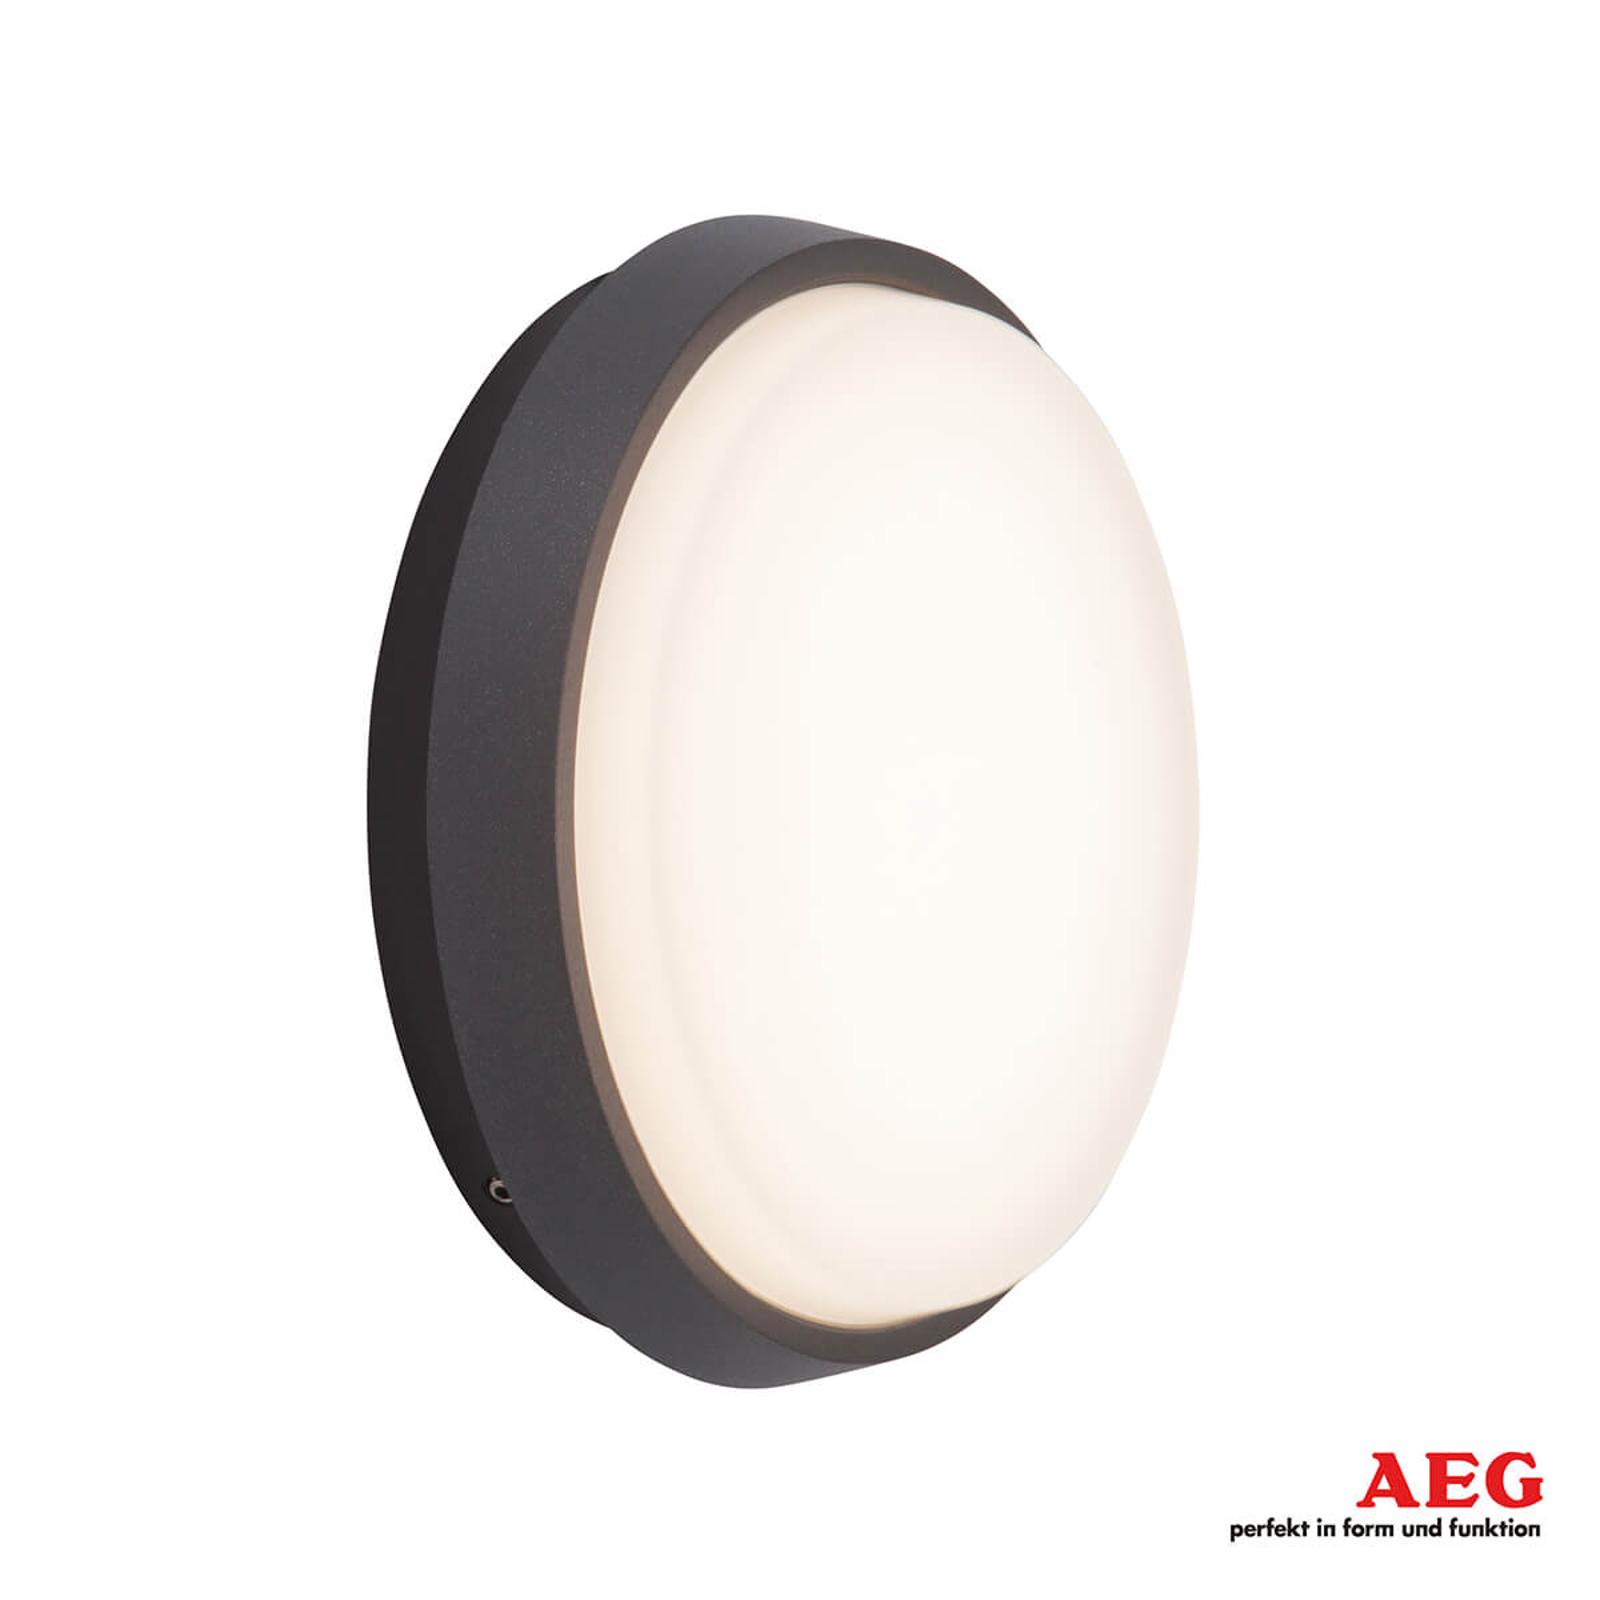 Letan Round LED-utomhusvägglampa – 9W